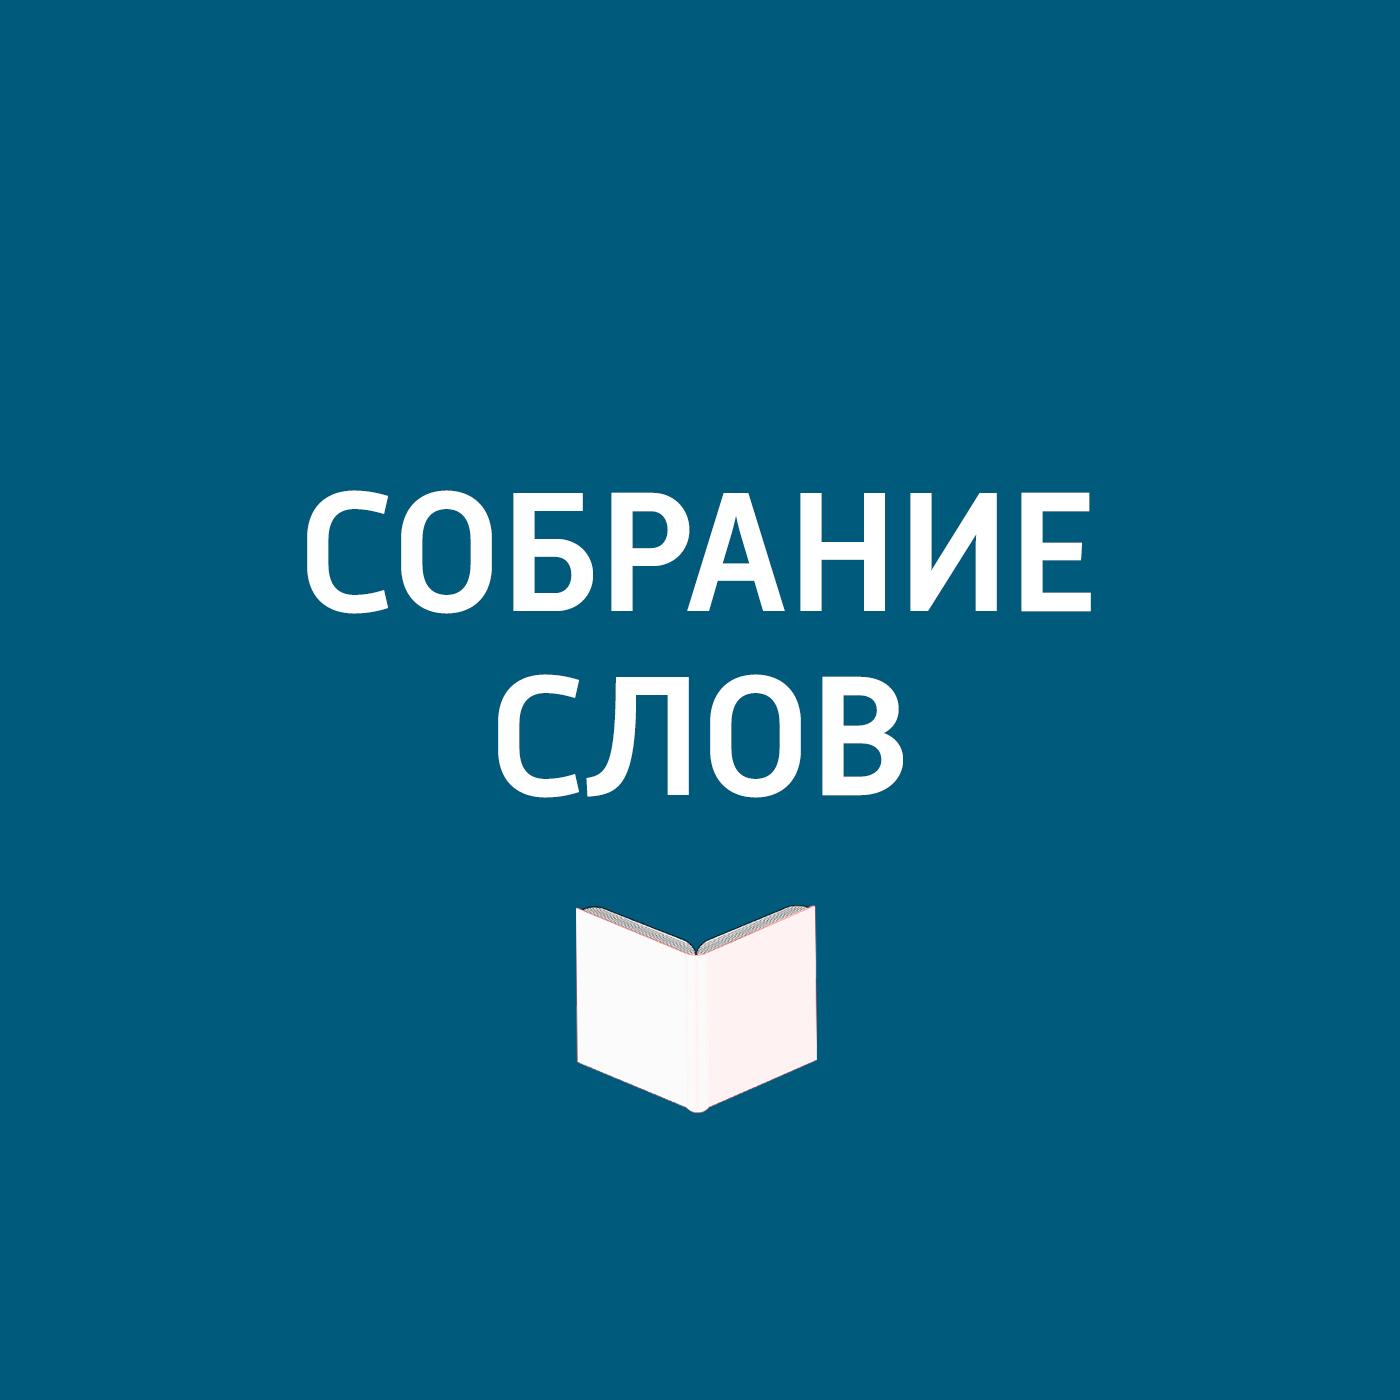 Творческий коллектив программы «Собрание слов» Большое интервью Игоря Чапурина